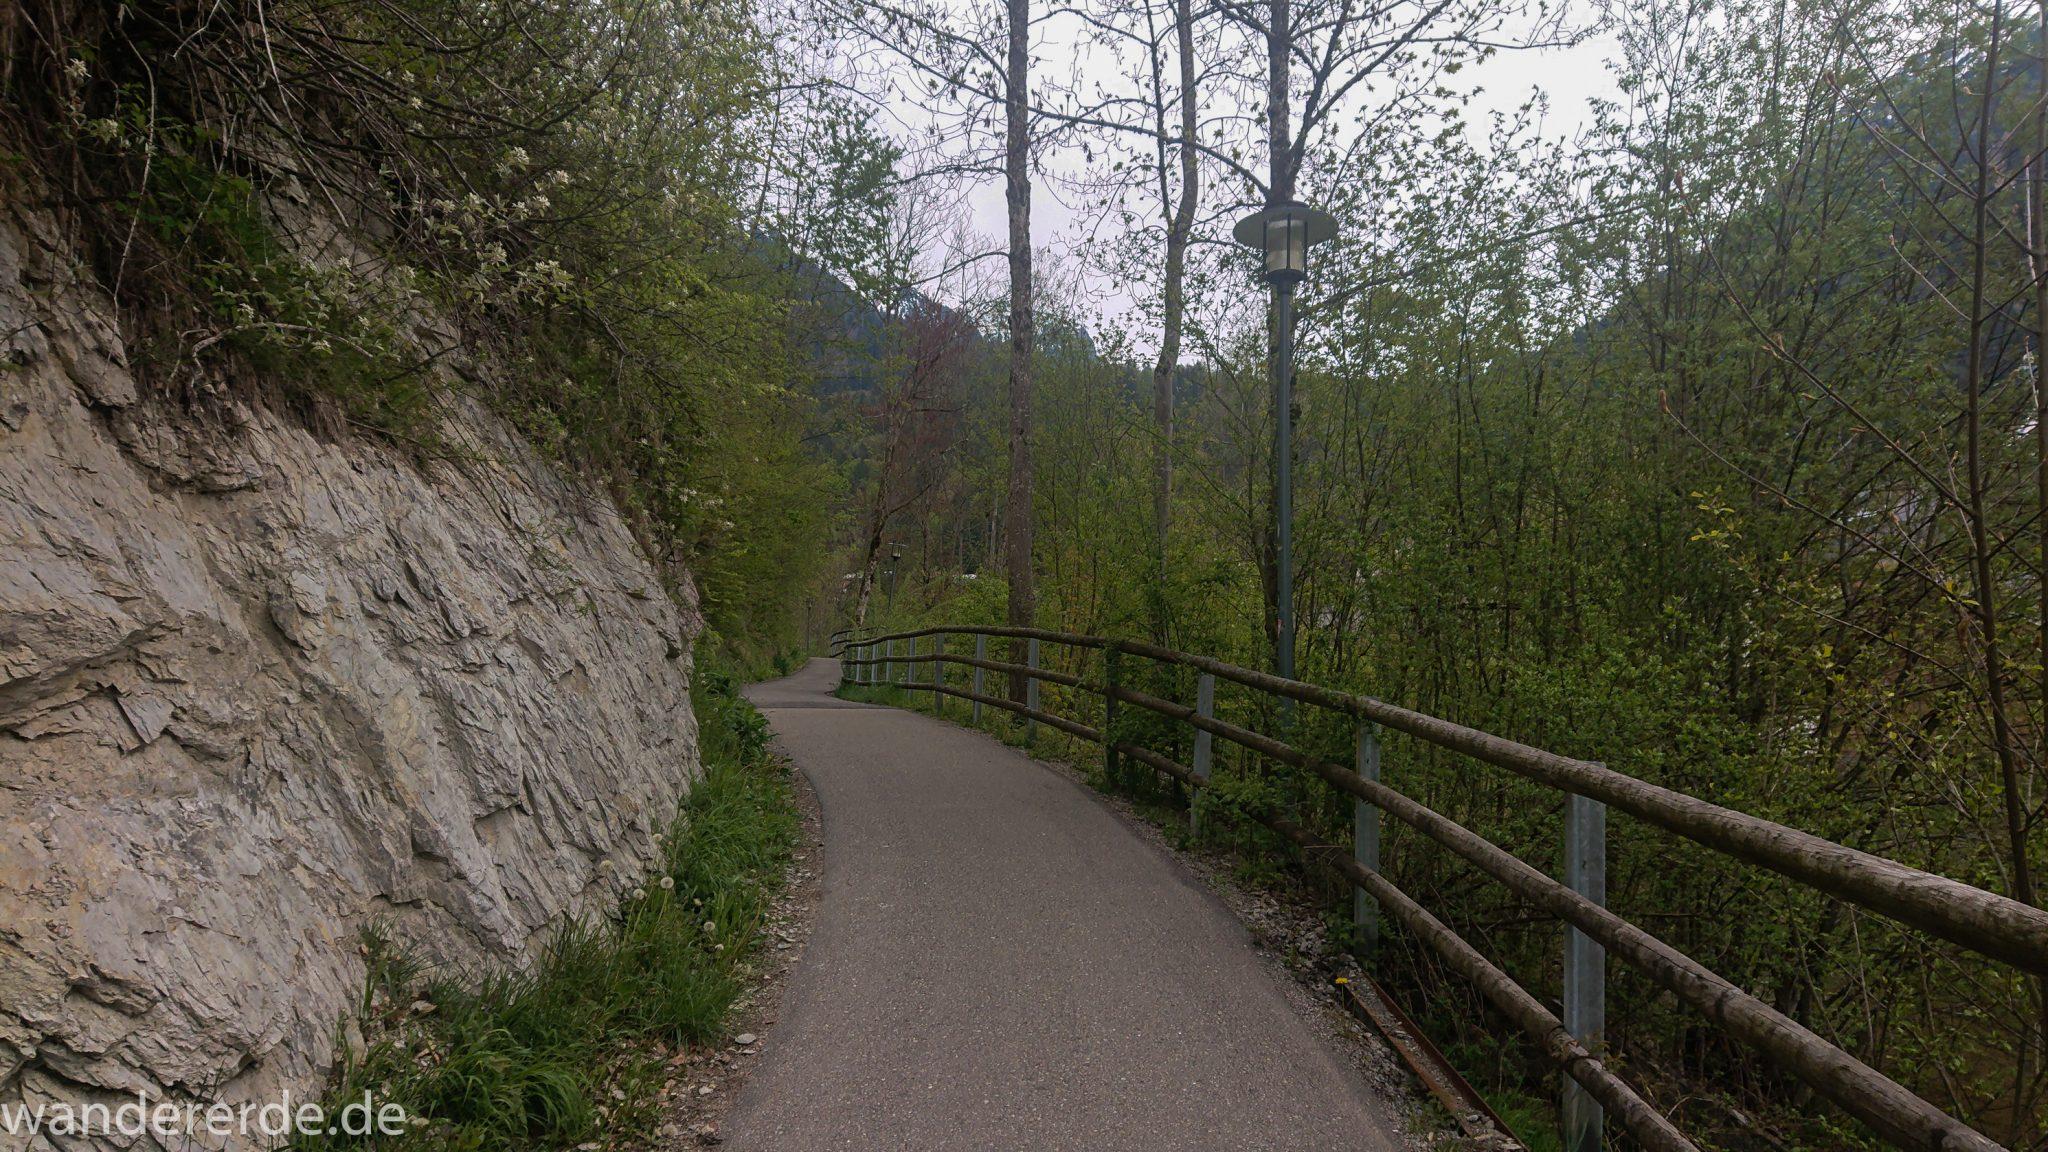 Wanderung Unterer Gaisalpsee, Wanderweg bei Oberstdorf im Allgäu ist zunächst alphaltiert, umgeben von schönem dichten Laubwald und Felsen